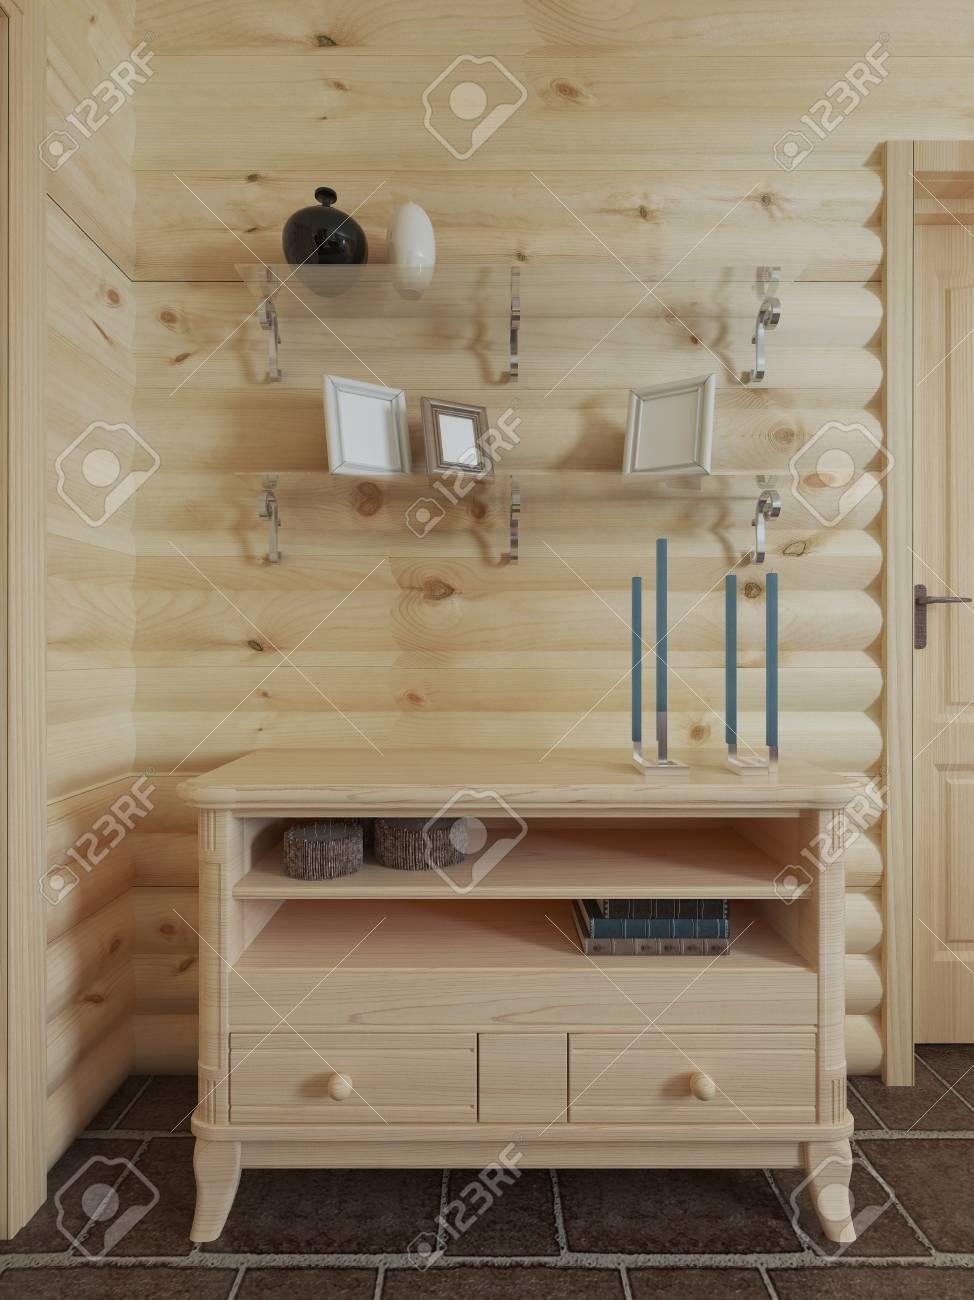 commode en bois dans le mur au dessus de l etagere de la commode avec decor a l interieur de la maison de journal rendu 3d